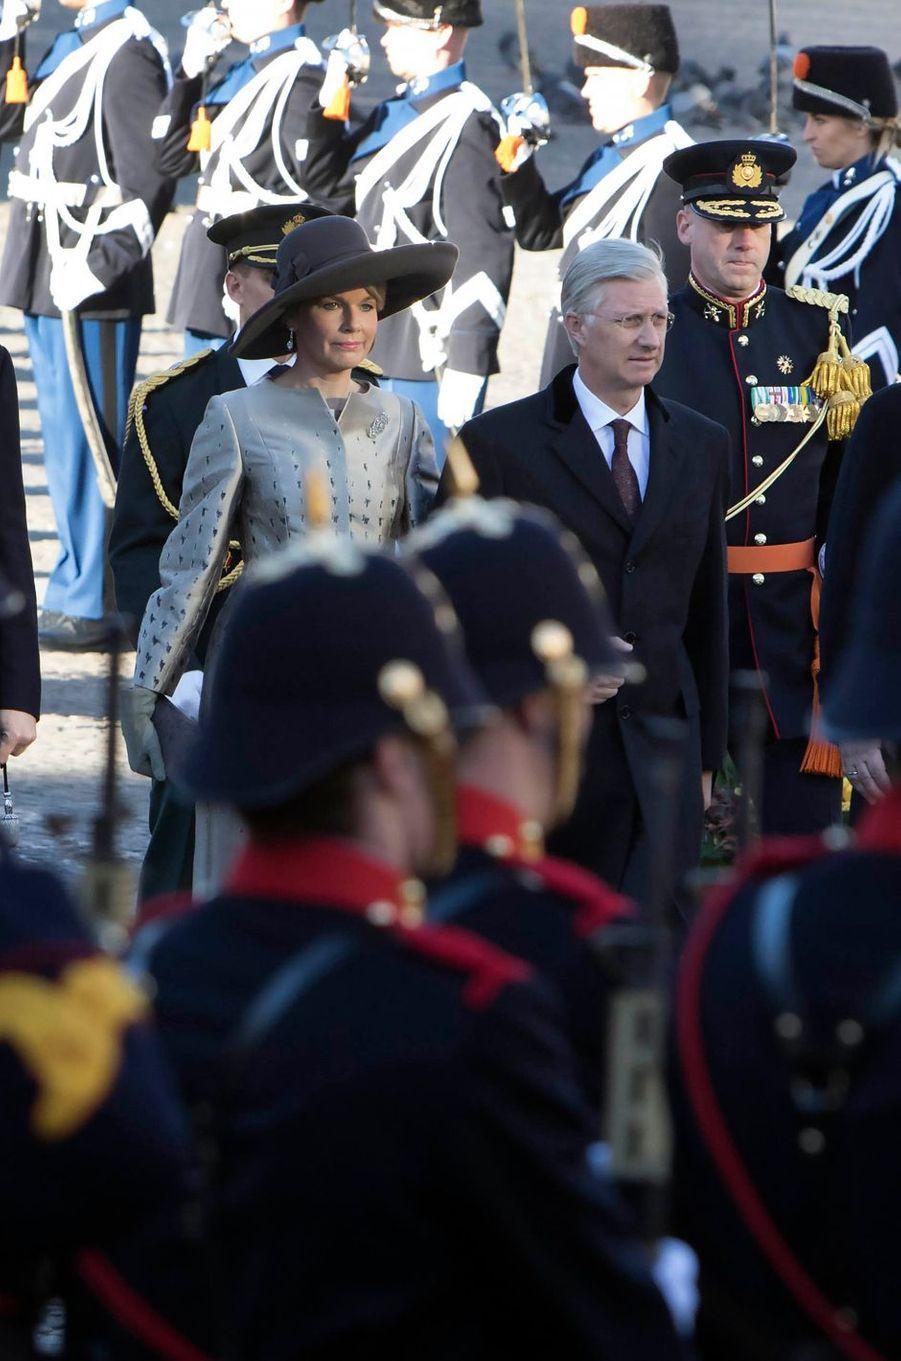 La reine Mathilde et le roi Philippe de Belgique en visite d'Etat à Amsterdam, le 28 novembre 2016